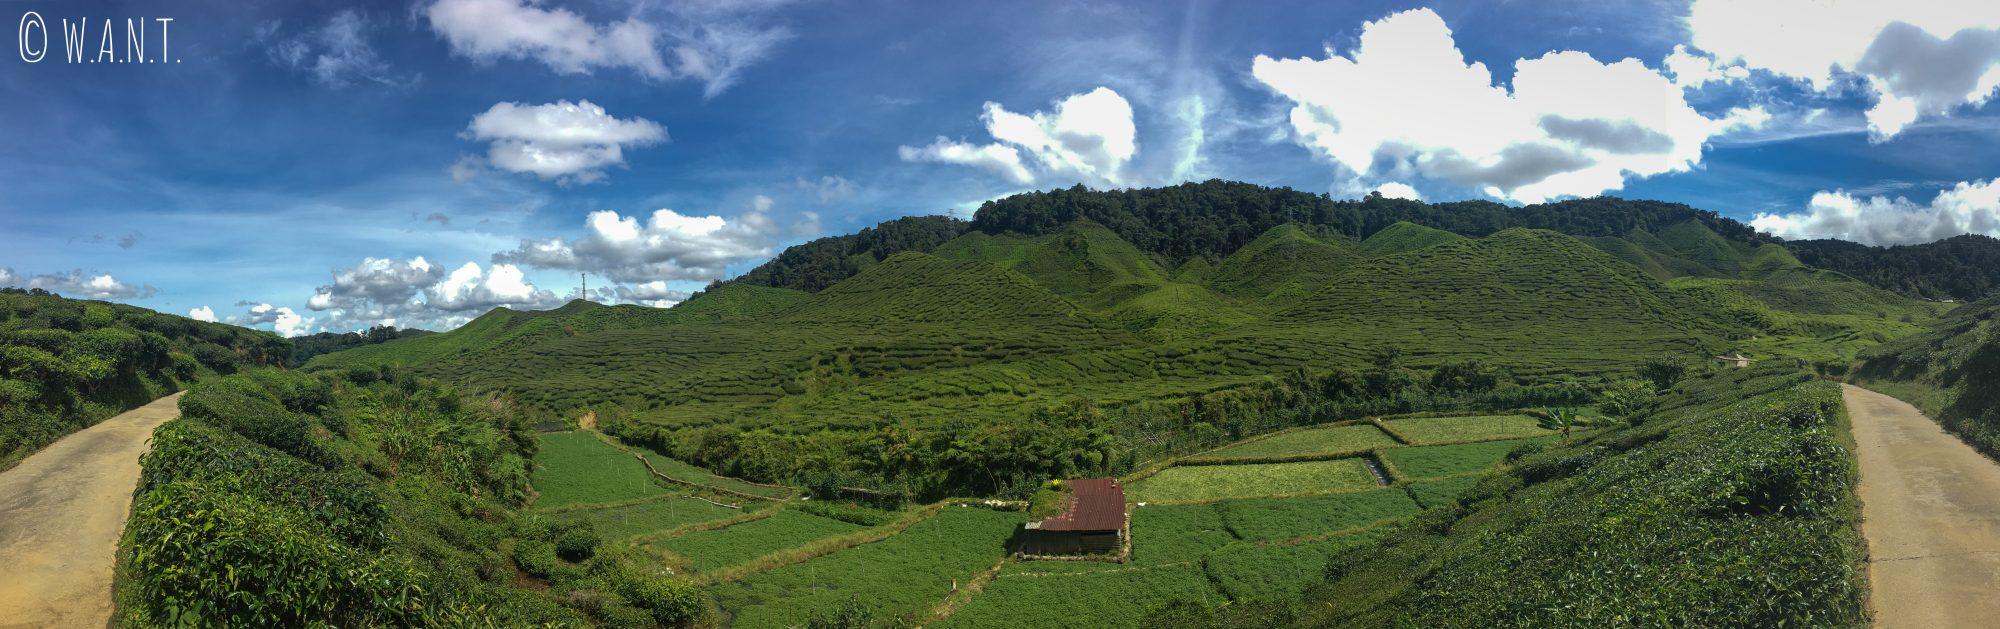 Panorama sur la plantation Barath Tea de Tanah Rata